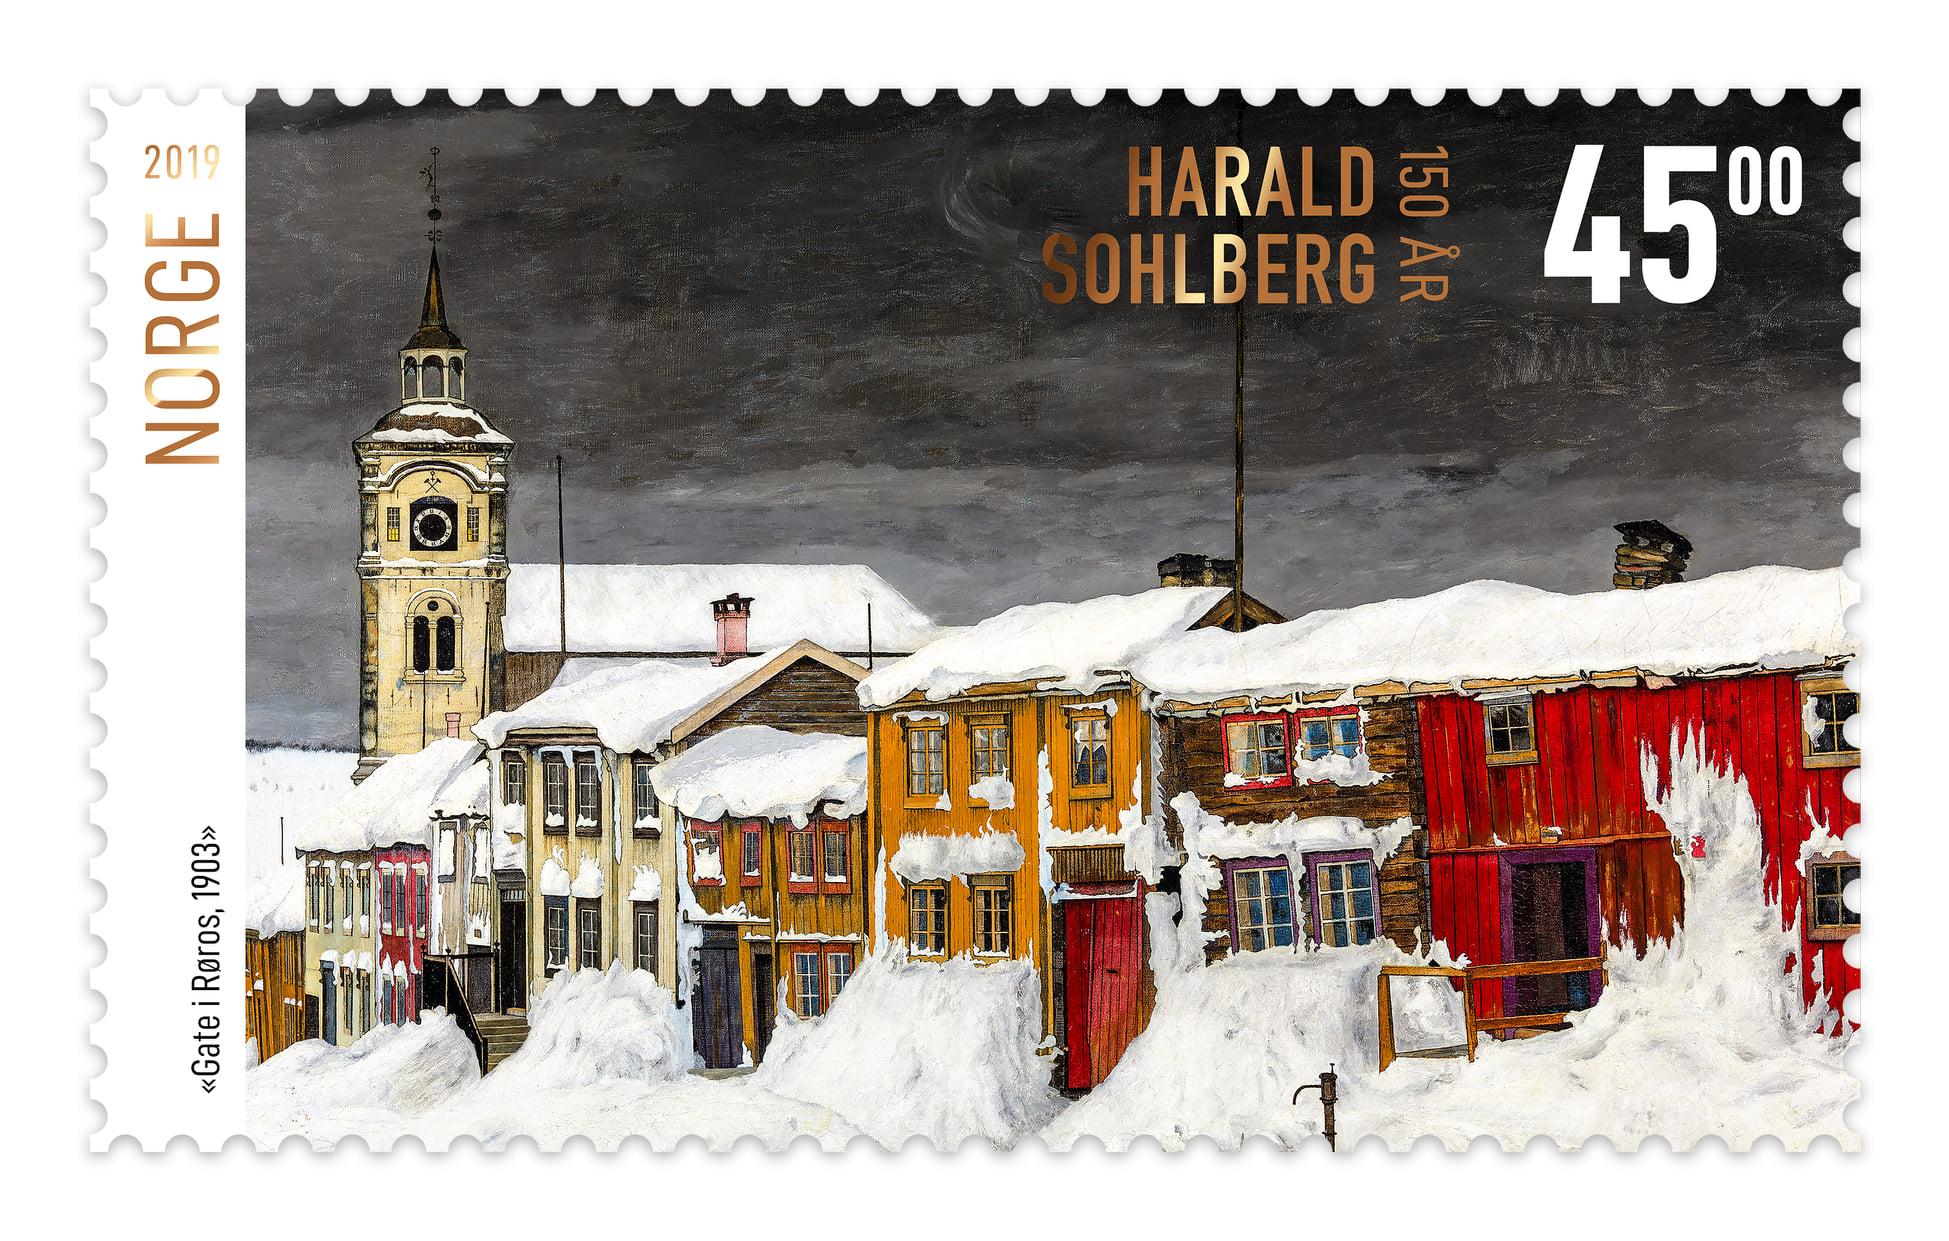 Le plus beau timbre du monde vient de Norvège !